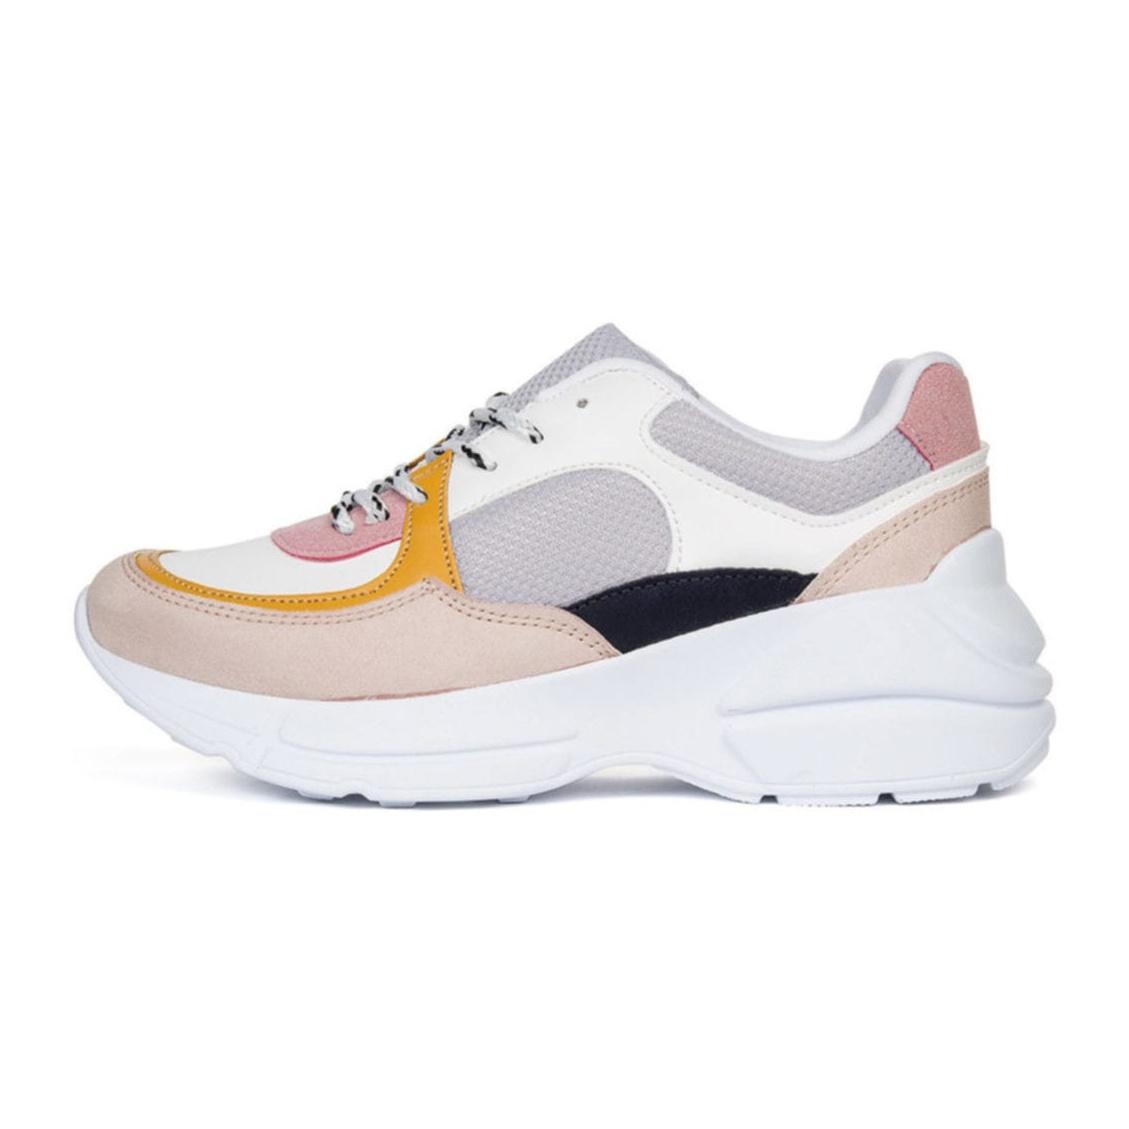 کفش مخصوص پیاده روی زنانه ناین استدیو کد 112839